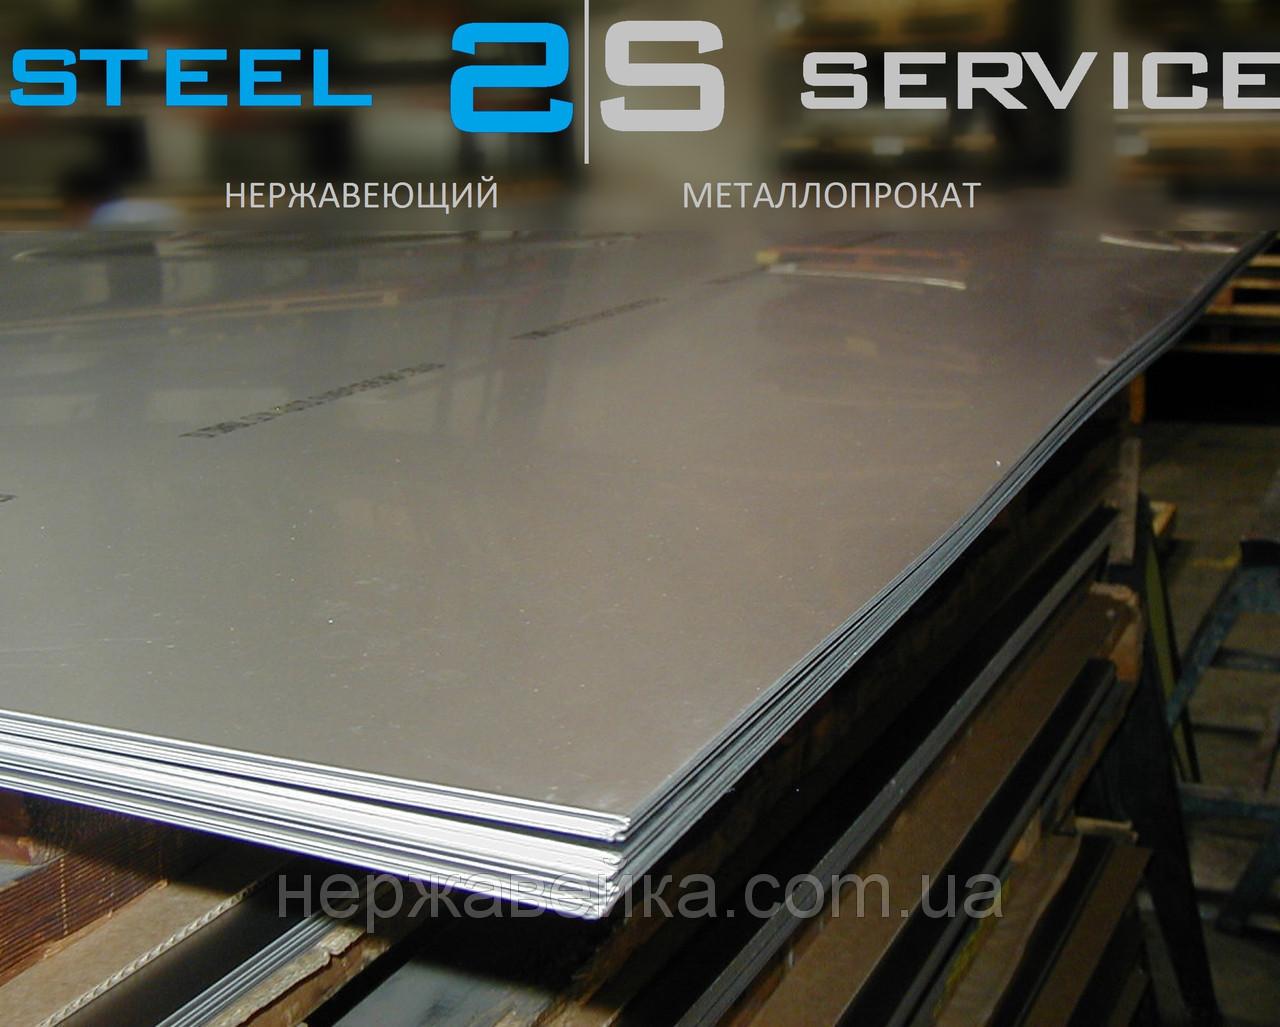 Нержавейка лист 12х1500х6000мм  AISI 309(20Х23Н13, 20Х20Н14С2) F1 - горячекатанный,  жаропрочный